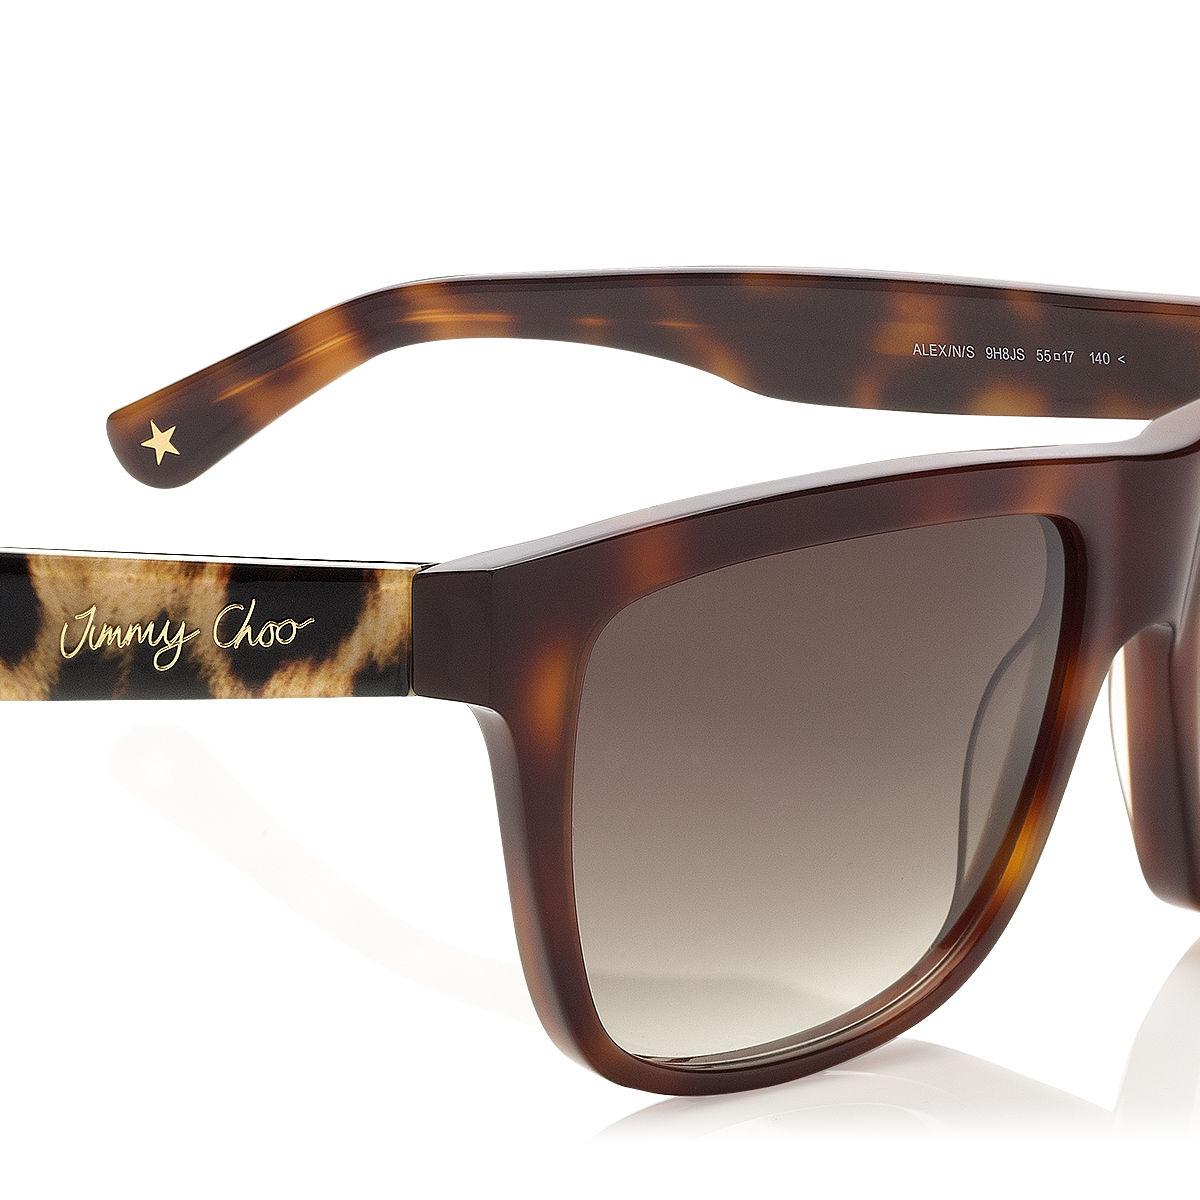 a323d101718 Jimmy Choo Estelle Lace-pattern Cat-eye Sunglasses in Brown - Lyst